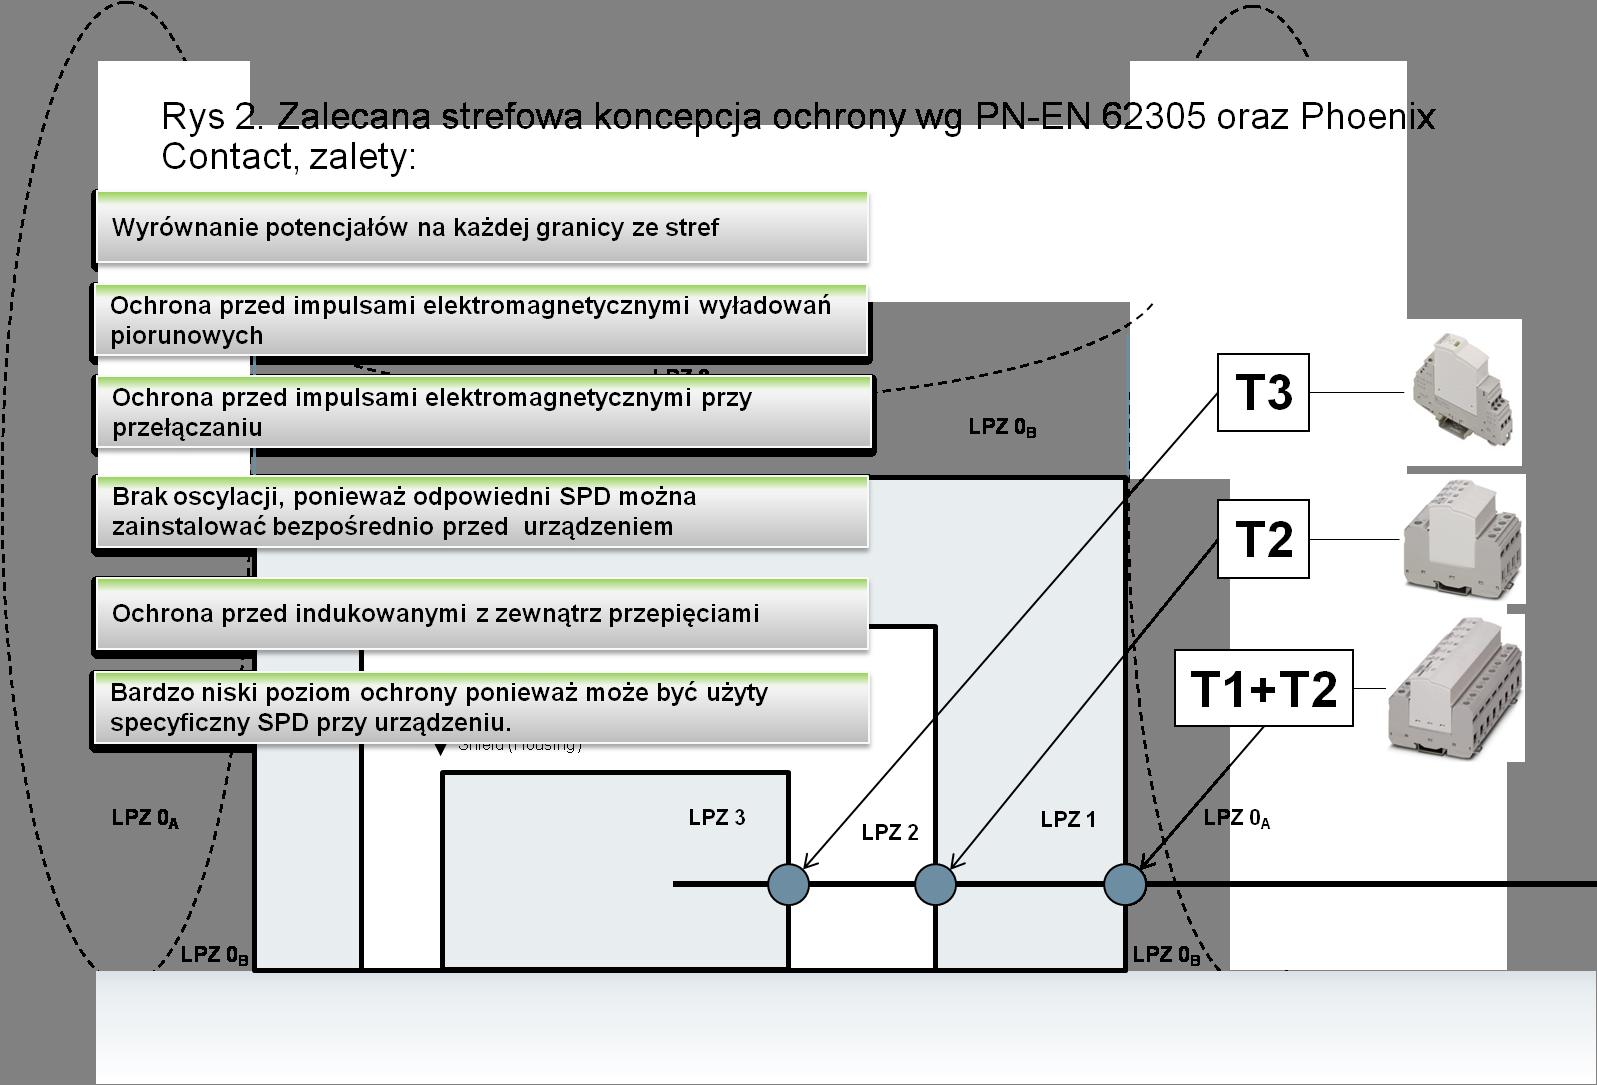 Zalecana strefowa koncepcja ochrony wg PN-EN 62305 oraz Phoenix Contact, zalety